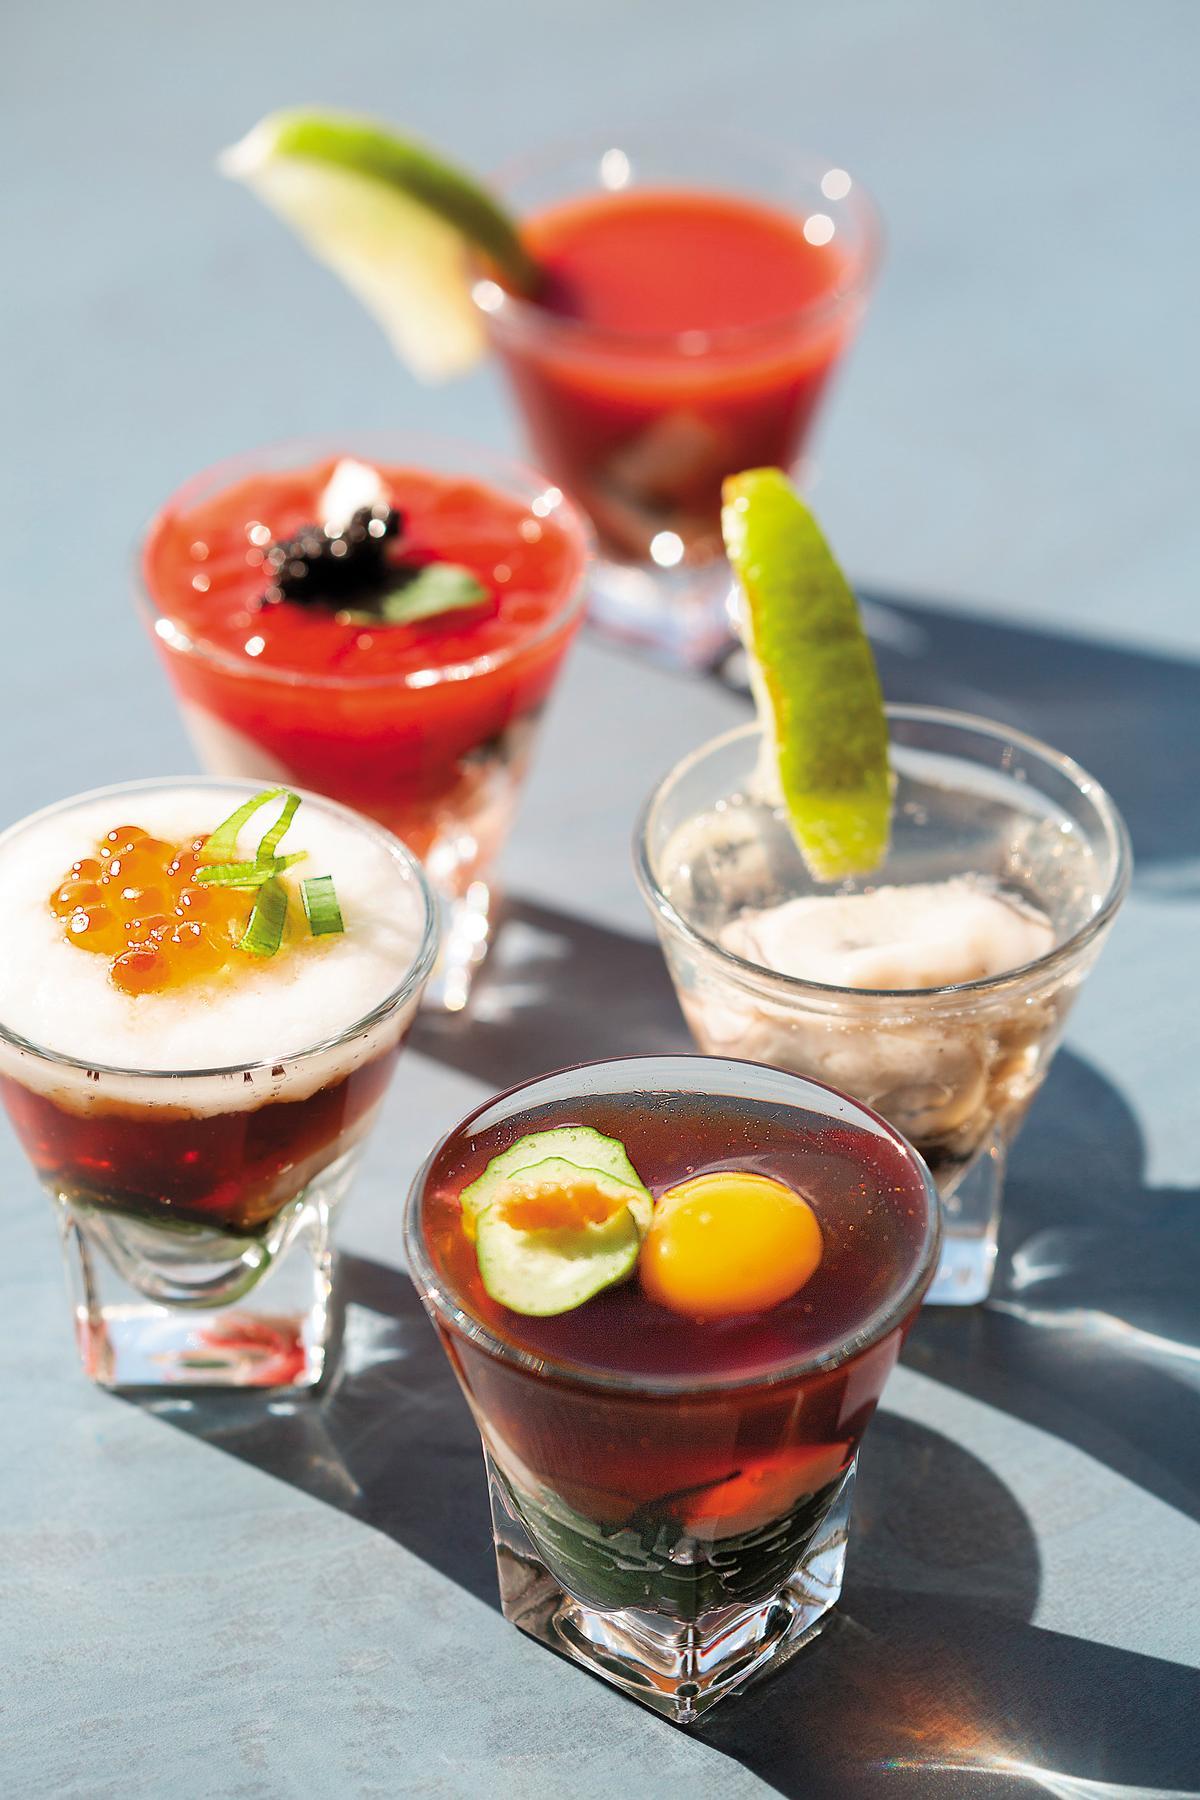 5種不同口味的「牡蠣Shot」,是這裡才有的吃法。(500日圓/杯,約NT$130)